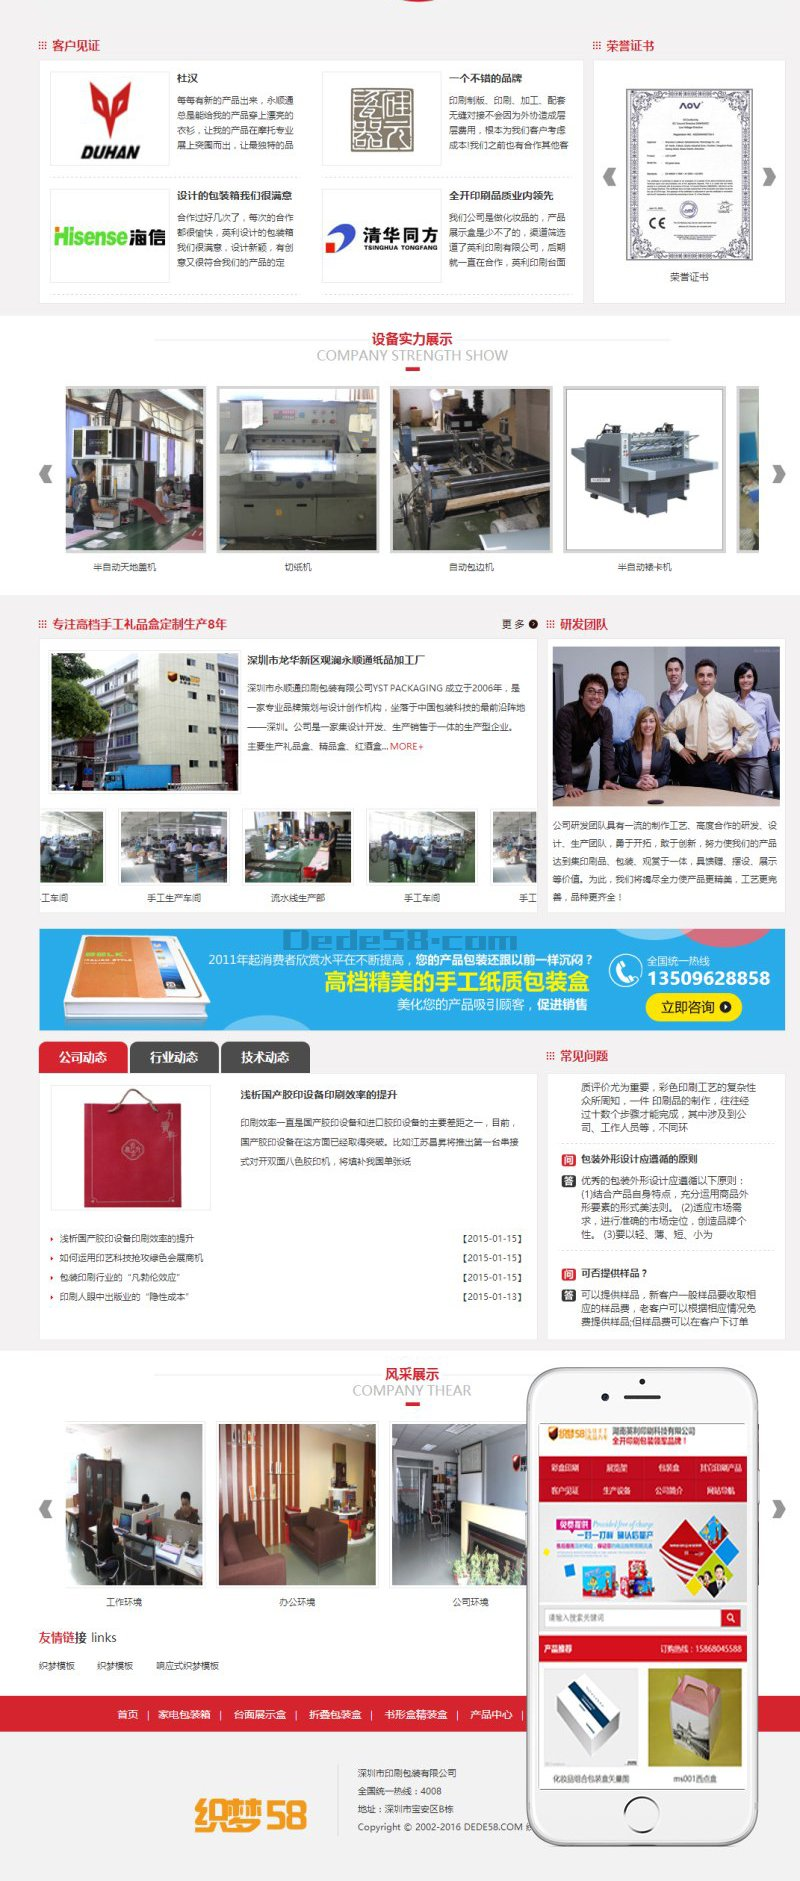 [织梦模板]营销型印刷品包装企业网站模板(带手机端)